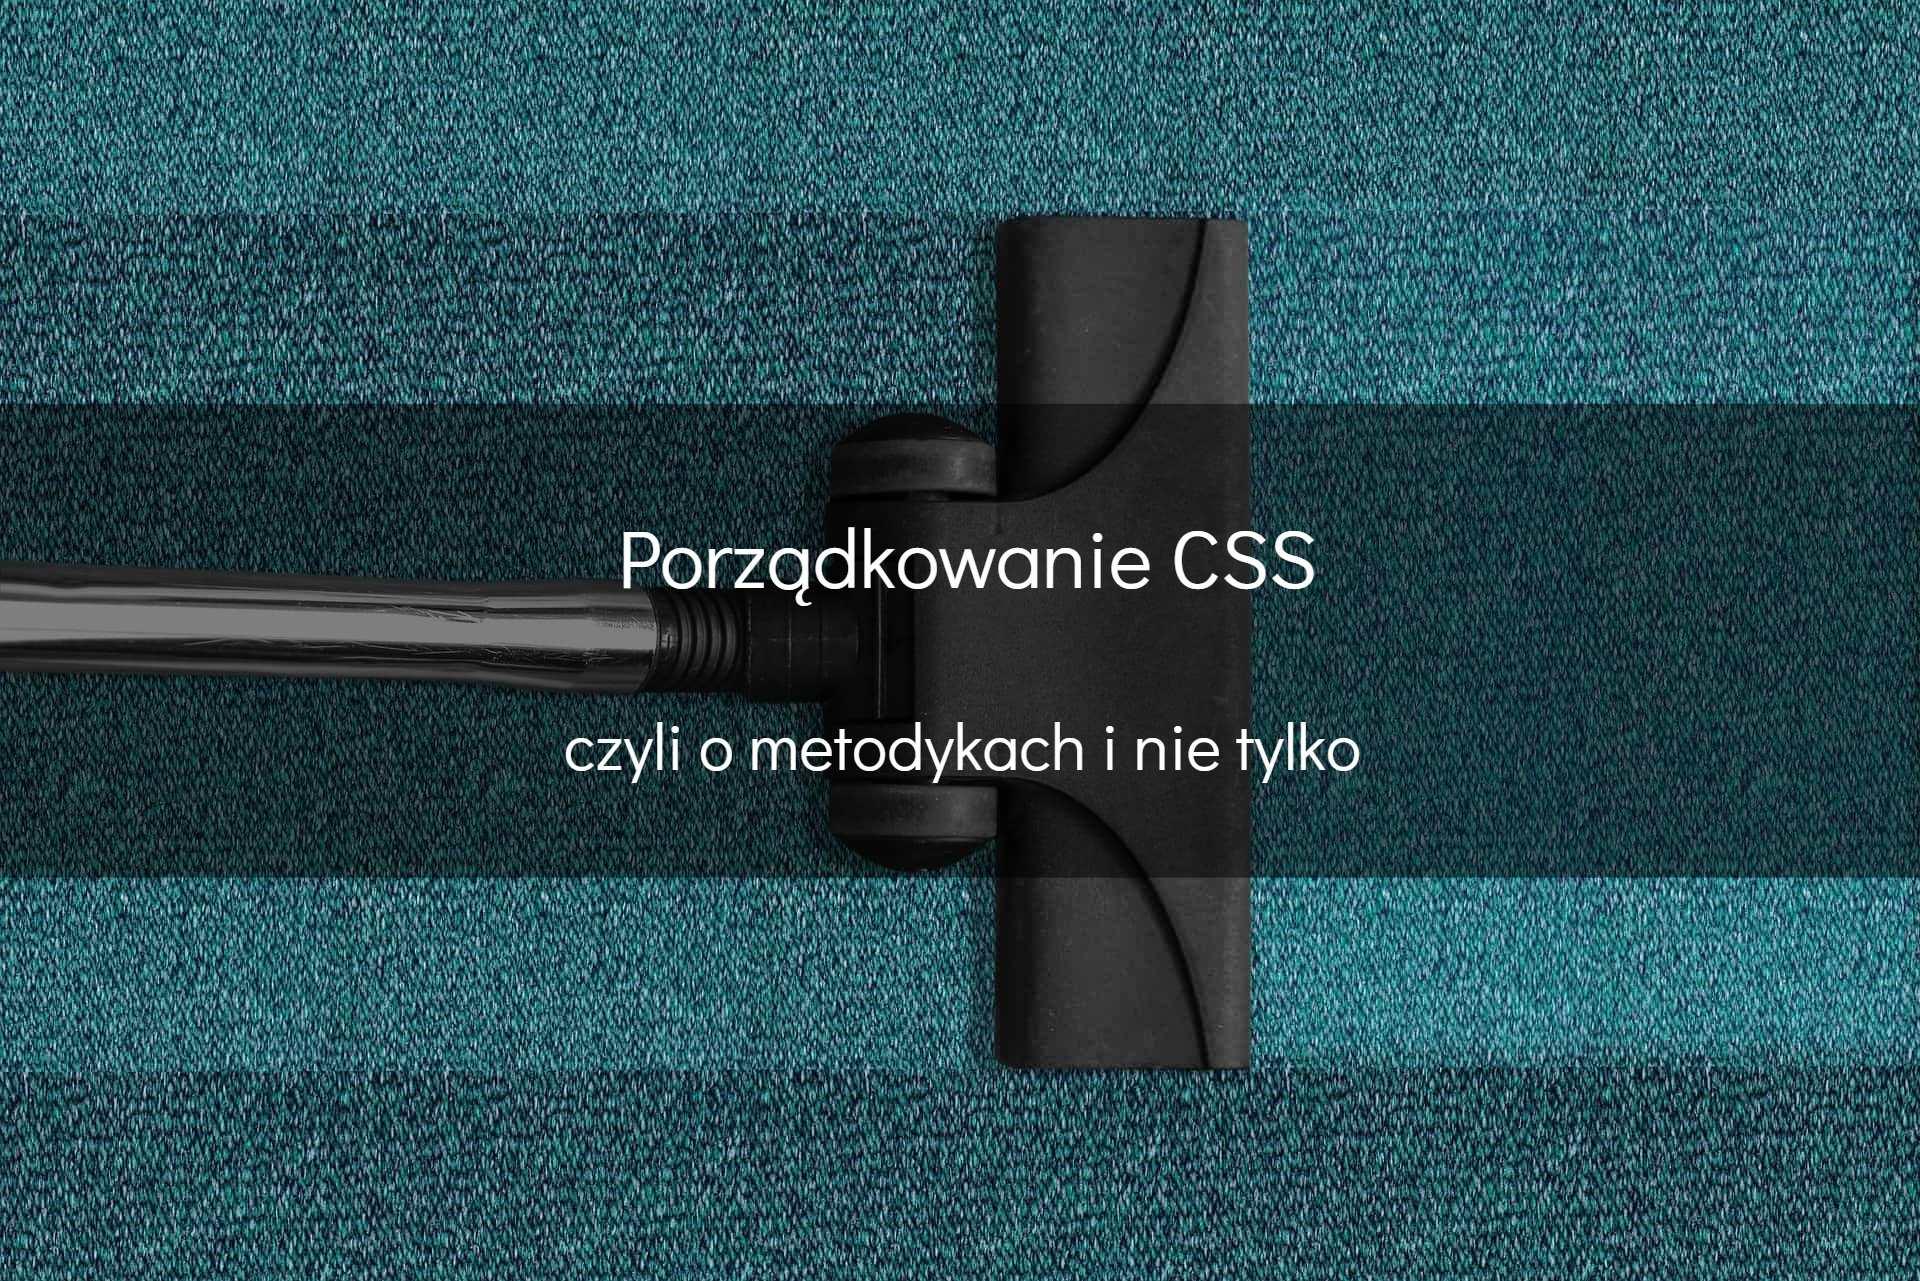 Porządkowanie kodu CSS